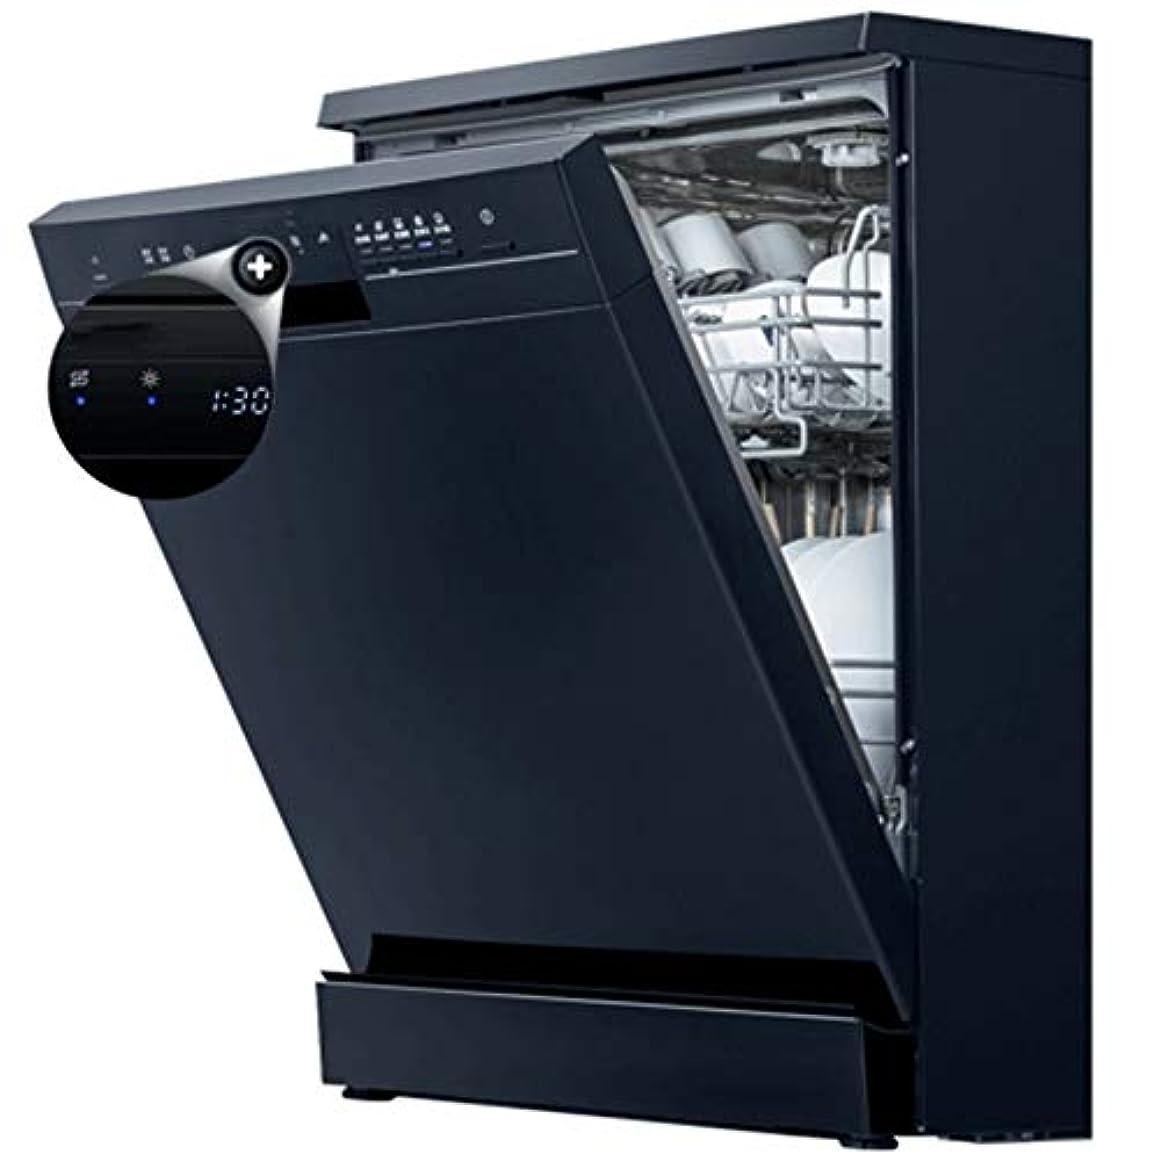 に慣れ清めるニコチンZXCVB 家庭自動皿洗い機独立したインテリジェントな組み込み消毒乾燥ブラシボウルマシン消毒食器棚のうち13セット